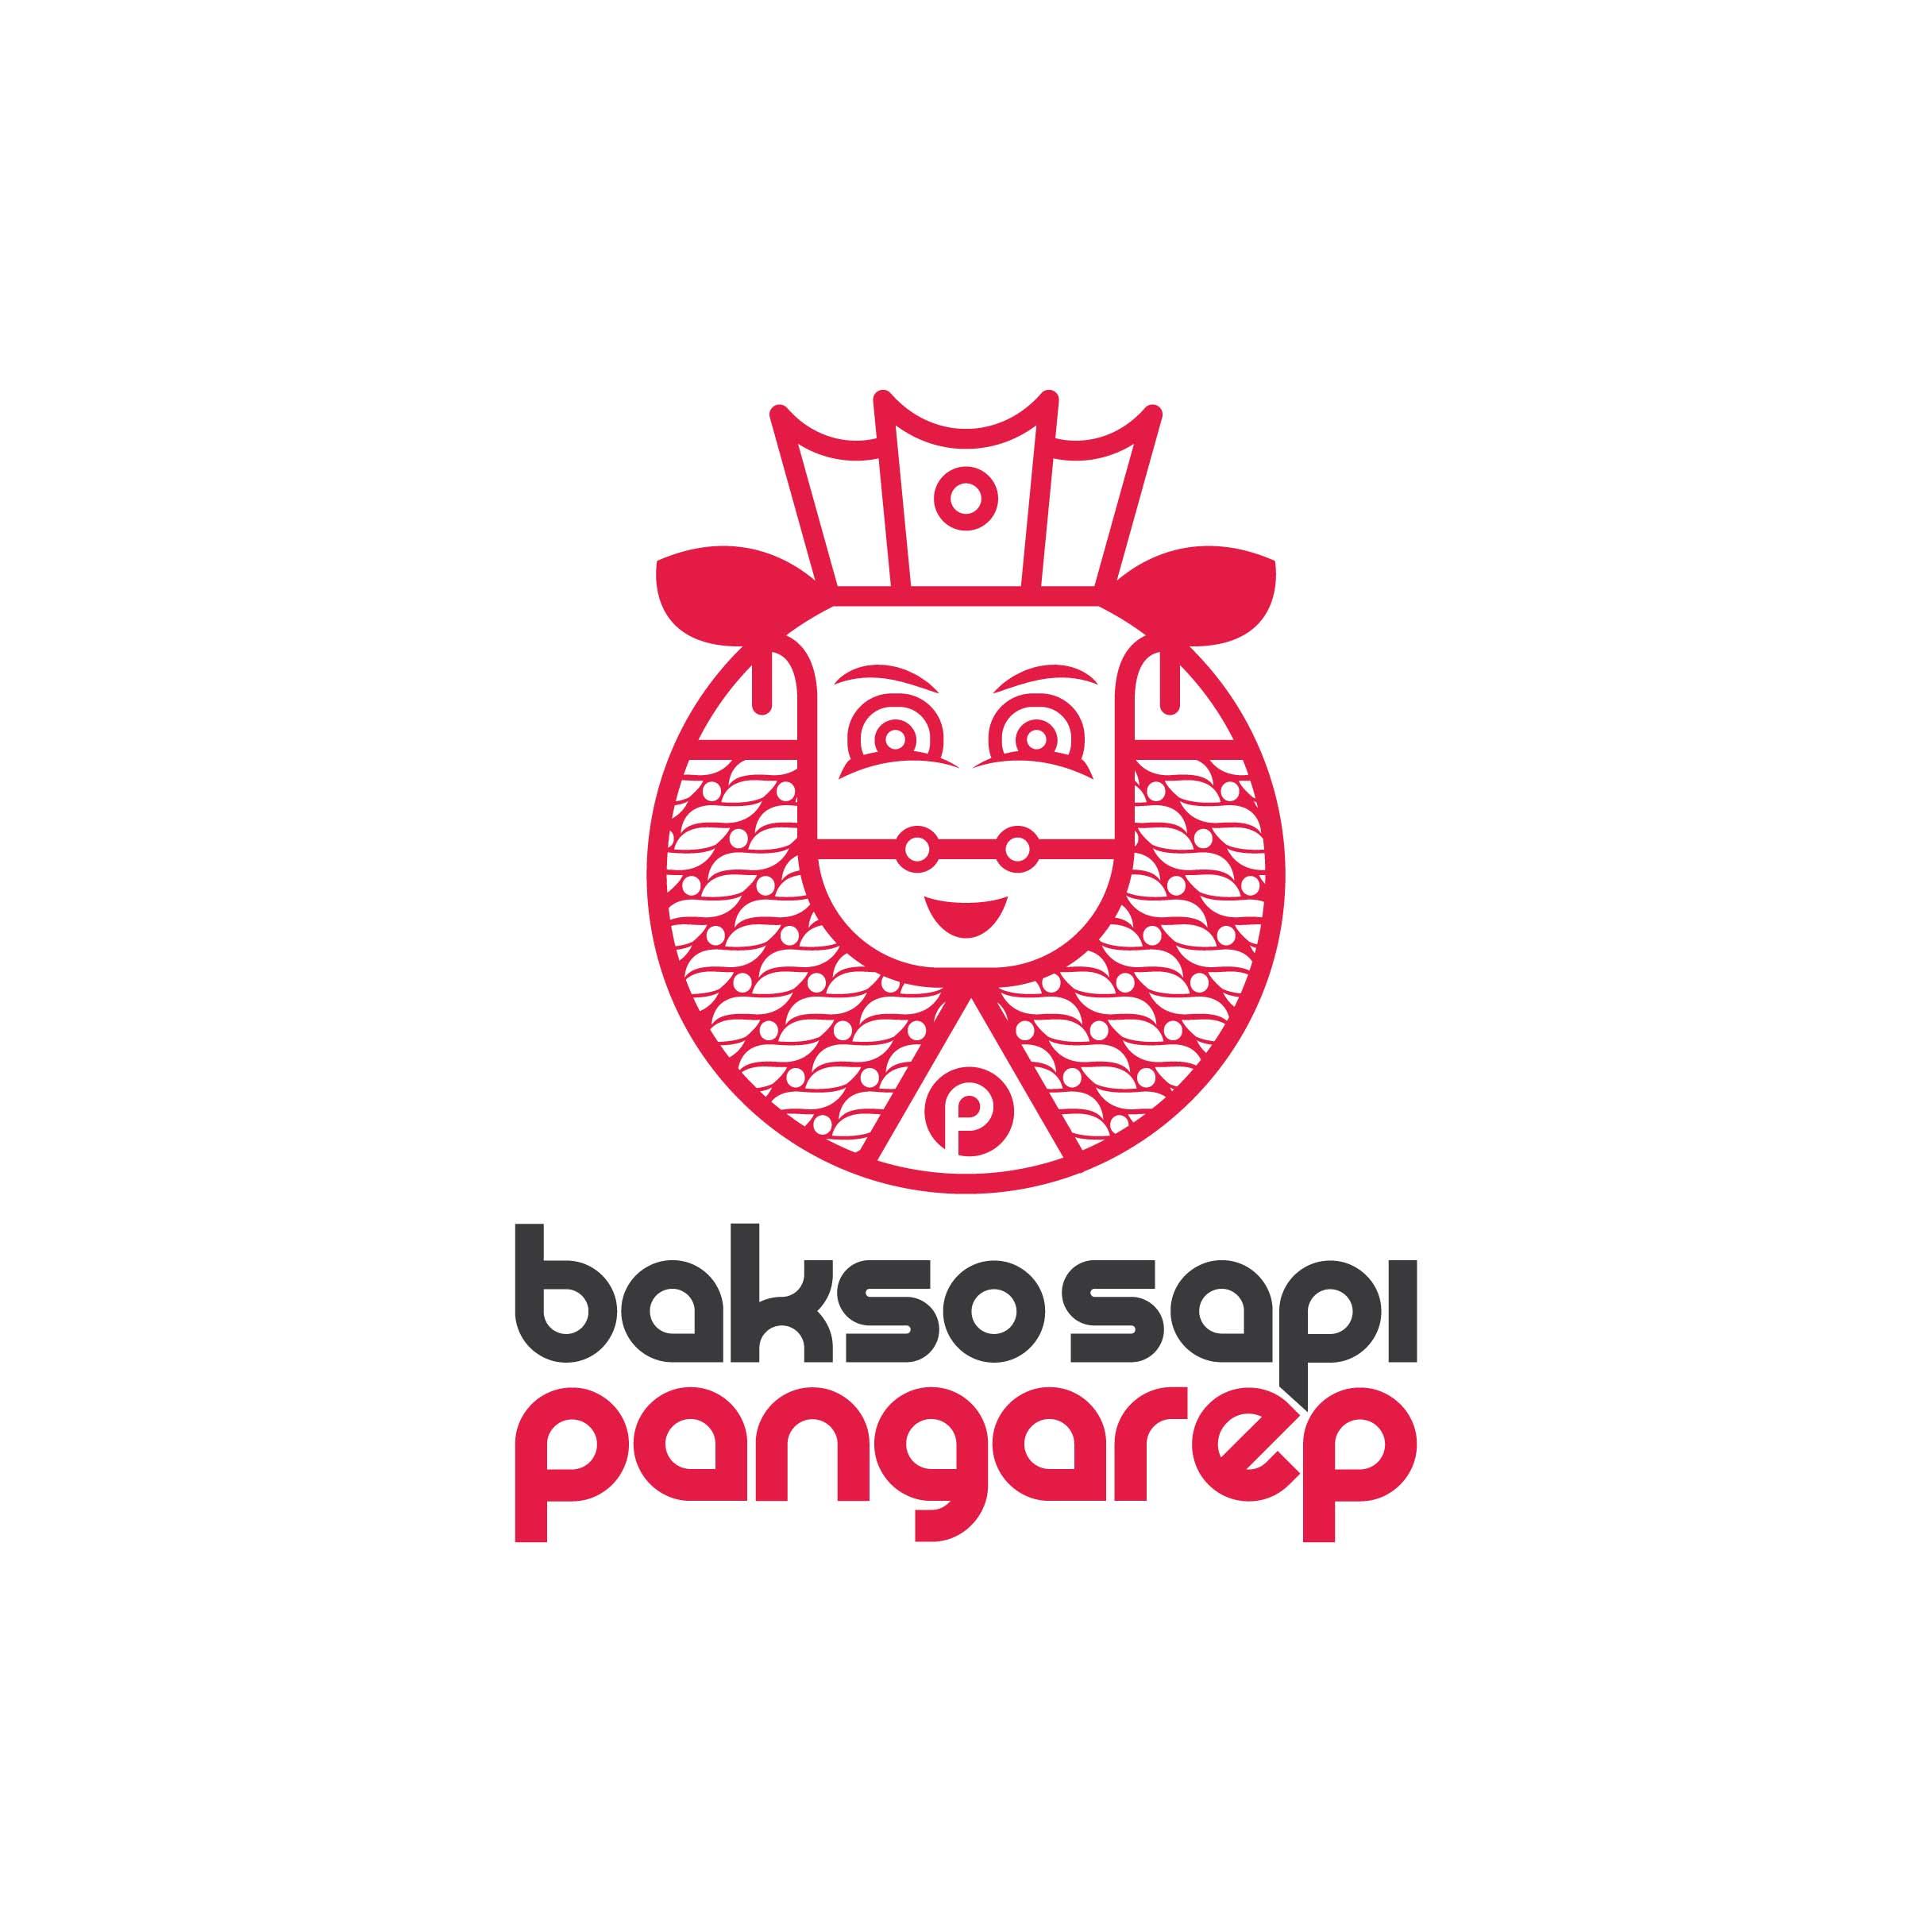 bakso sapi pangarep logo fix-rev-01